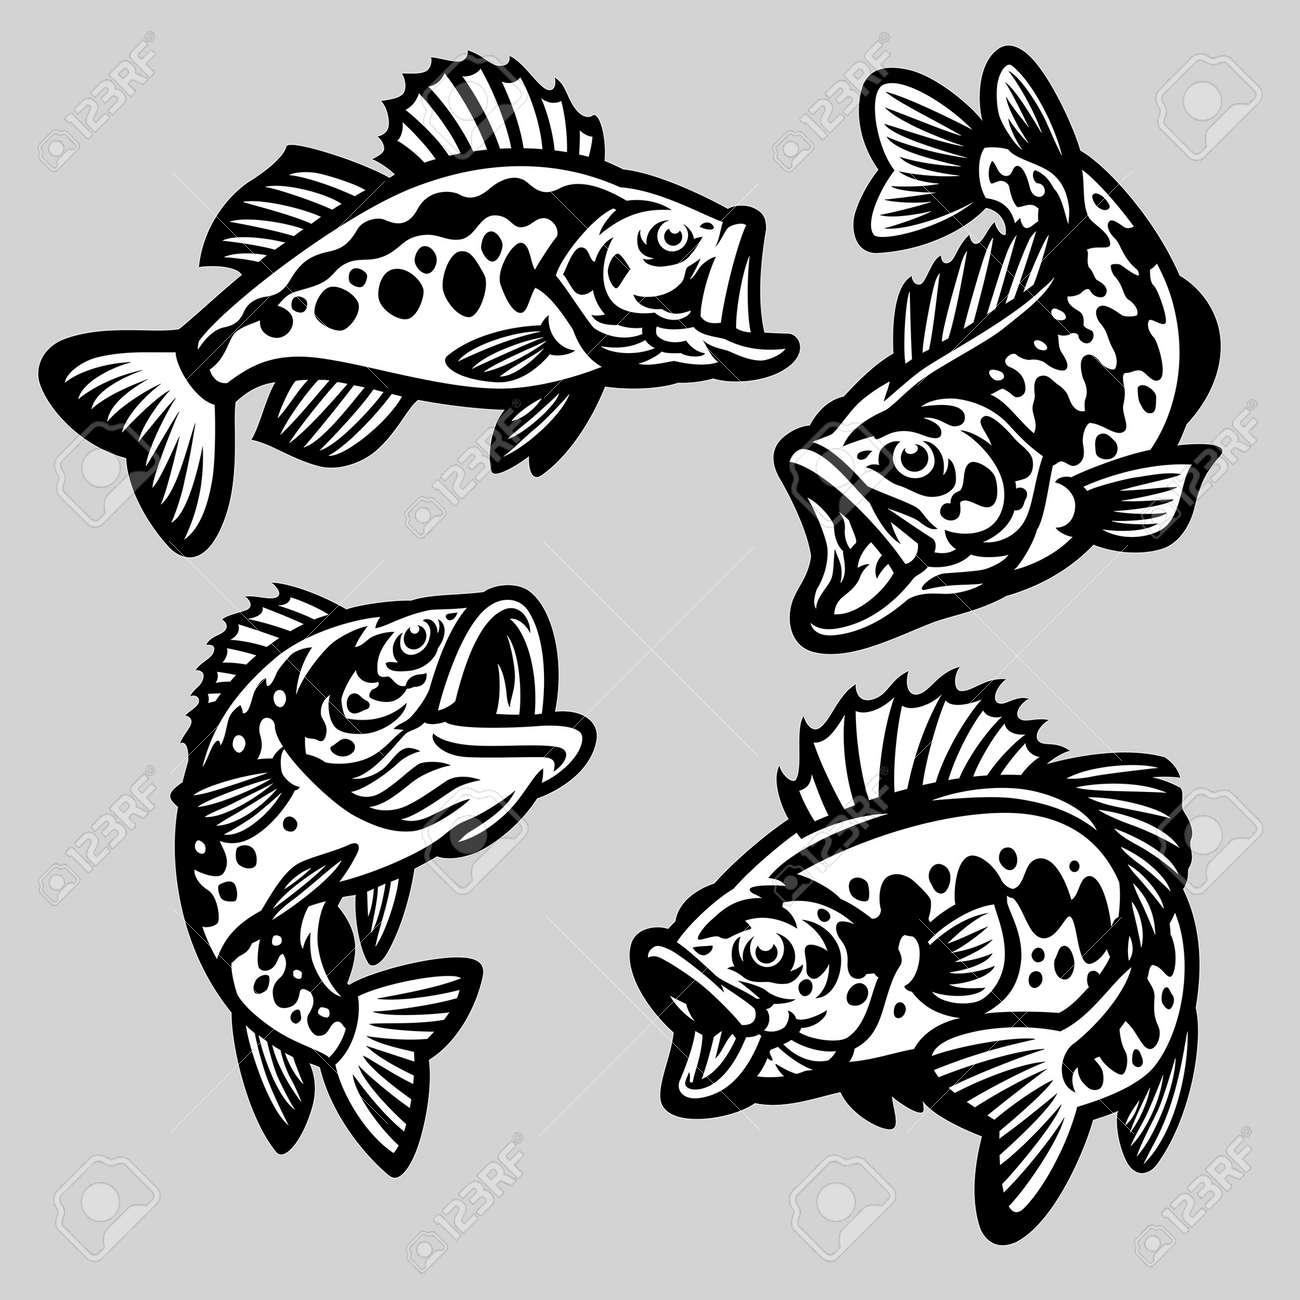 vector set of cartoon largemouth bass fish - 168290950